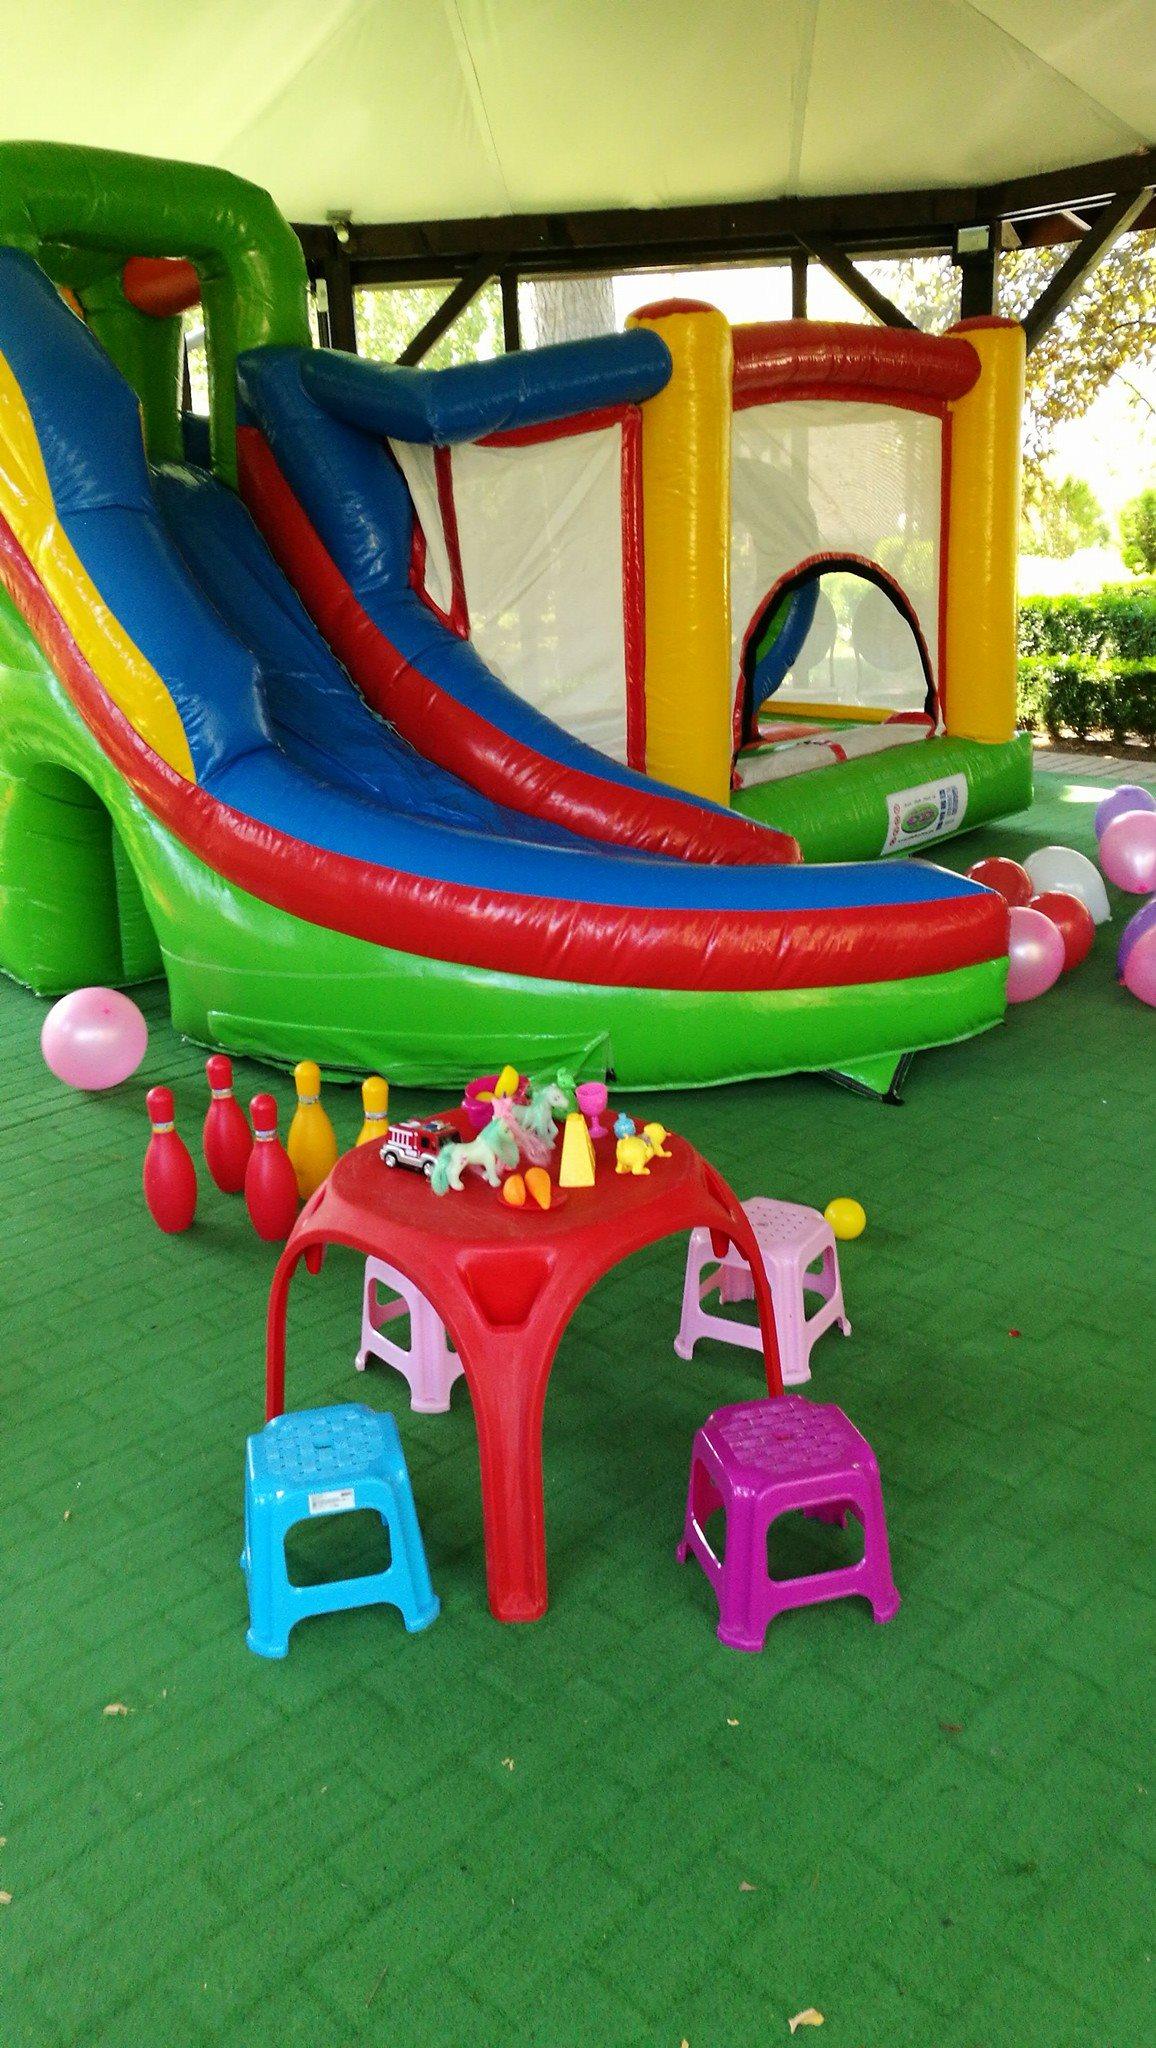 petreceri pentru copii, inchiriere tobogan gonflabil, personaje pentru petreceri copii, animatori petreceri